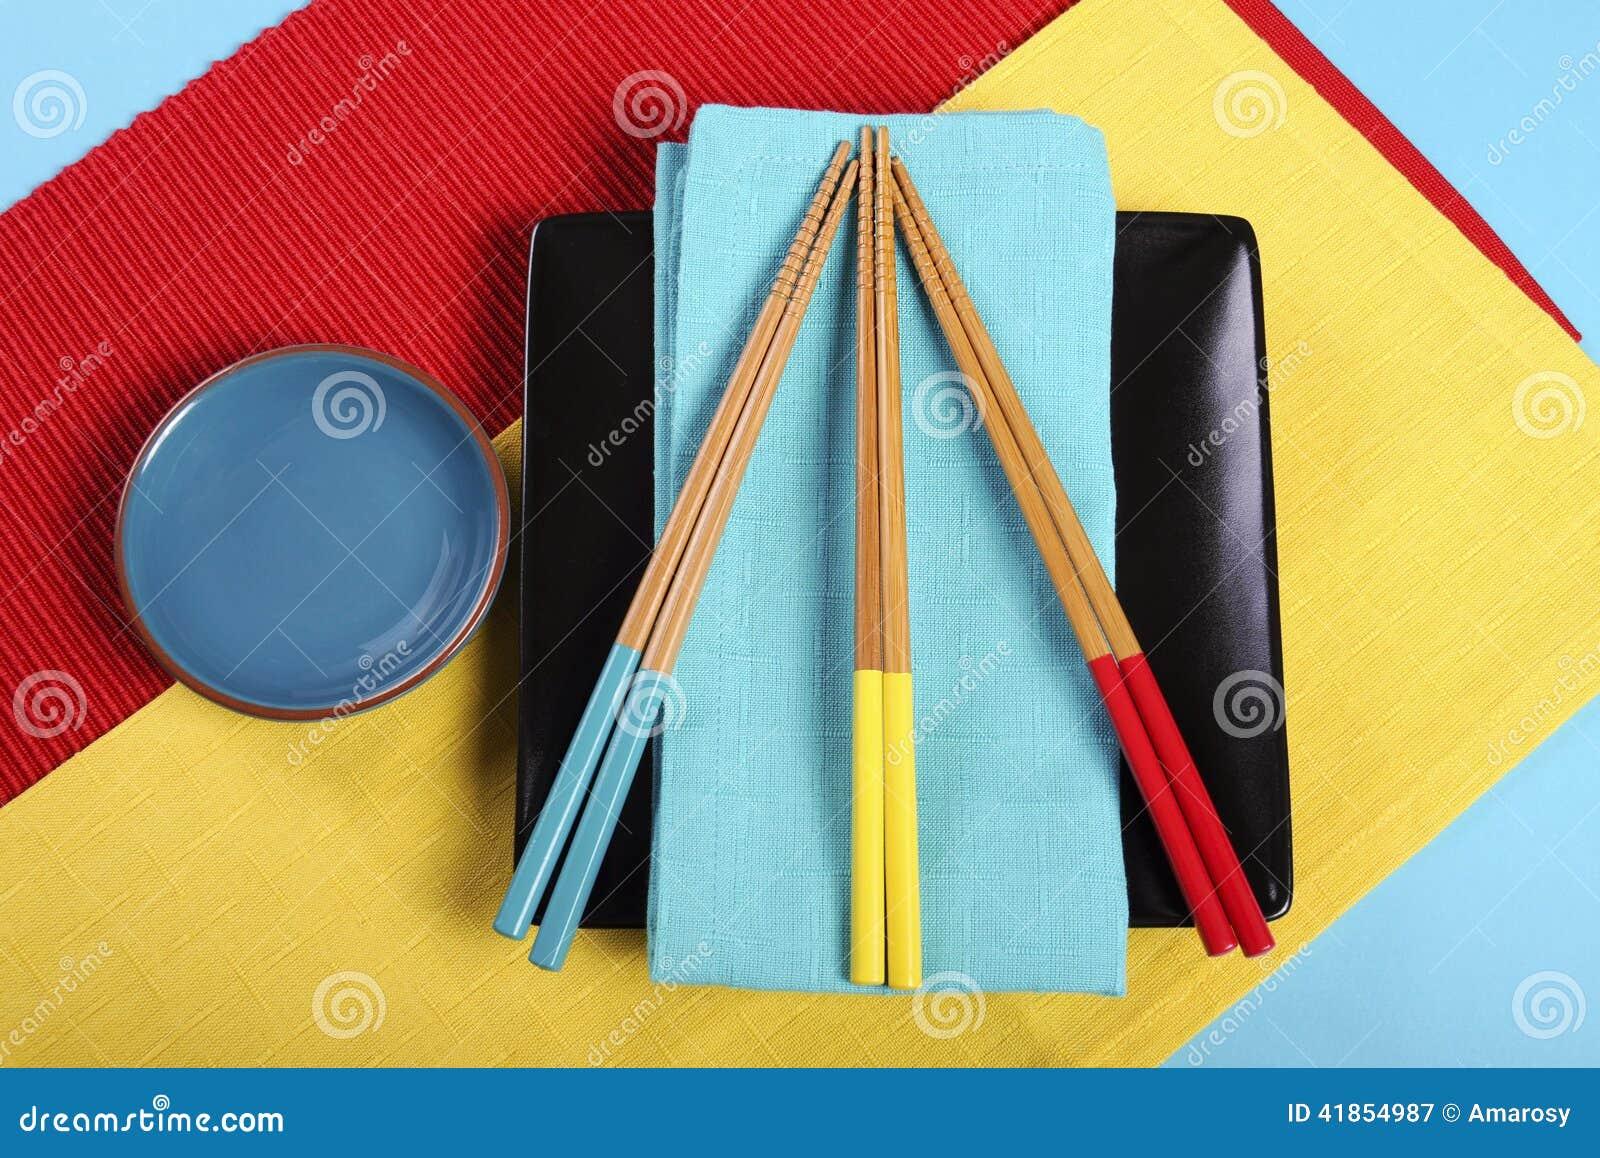 couvert oriental japonais de rouge jaune et bleu moderne de tableau photo stock image 41854987. Black Bedroom Furniture Sets. Home Design Ideas